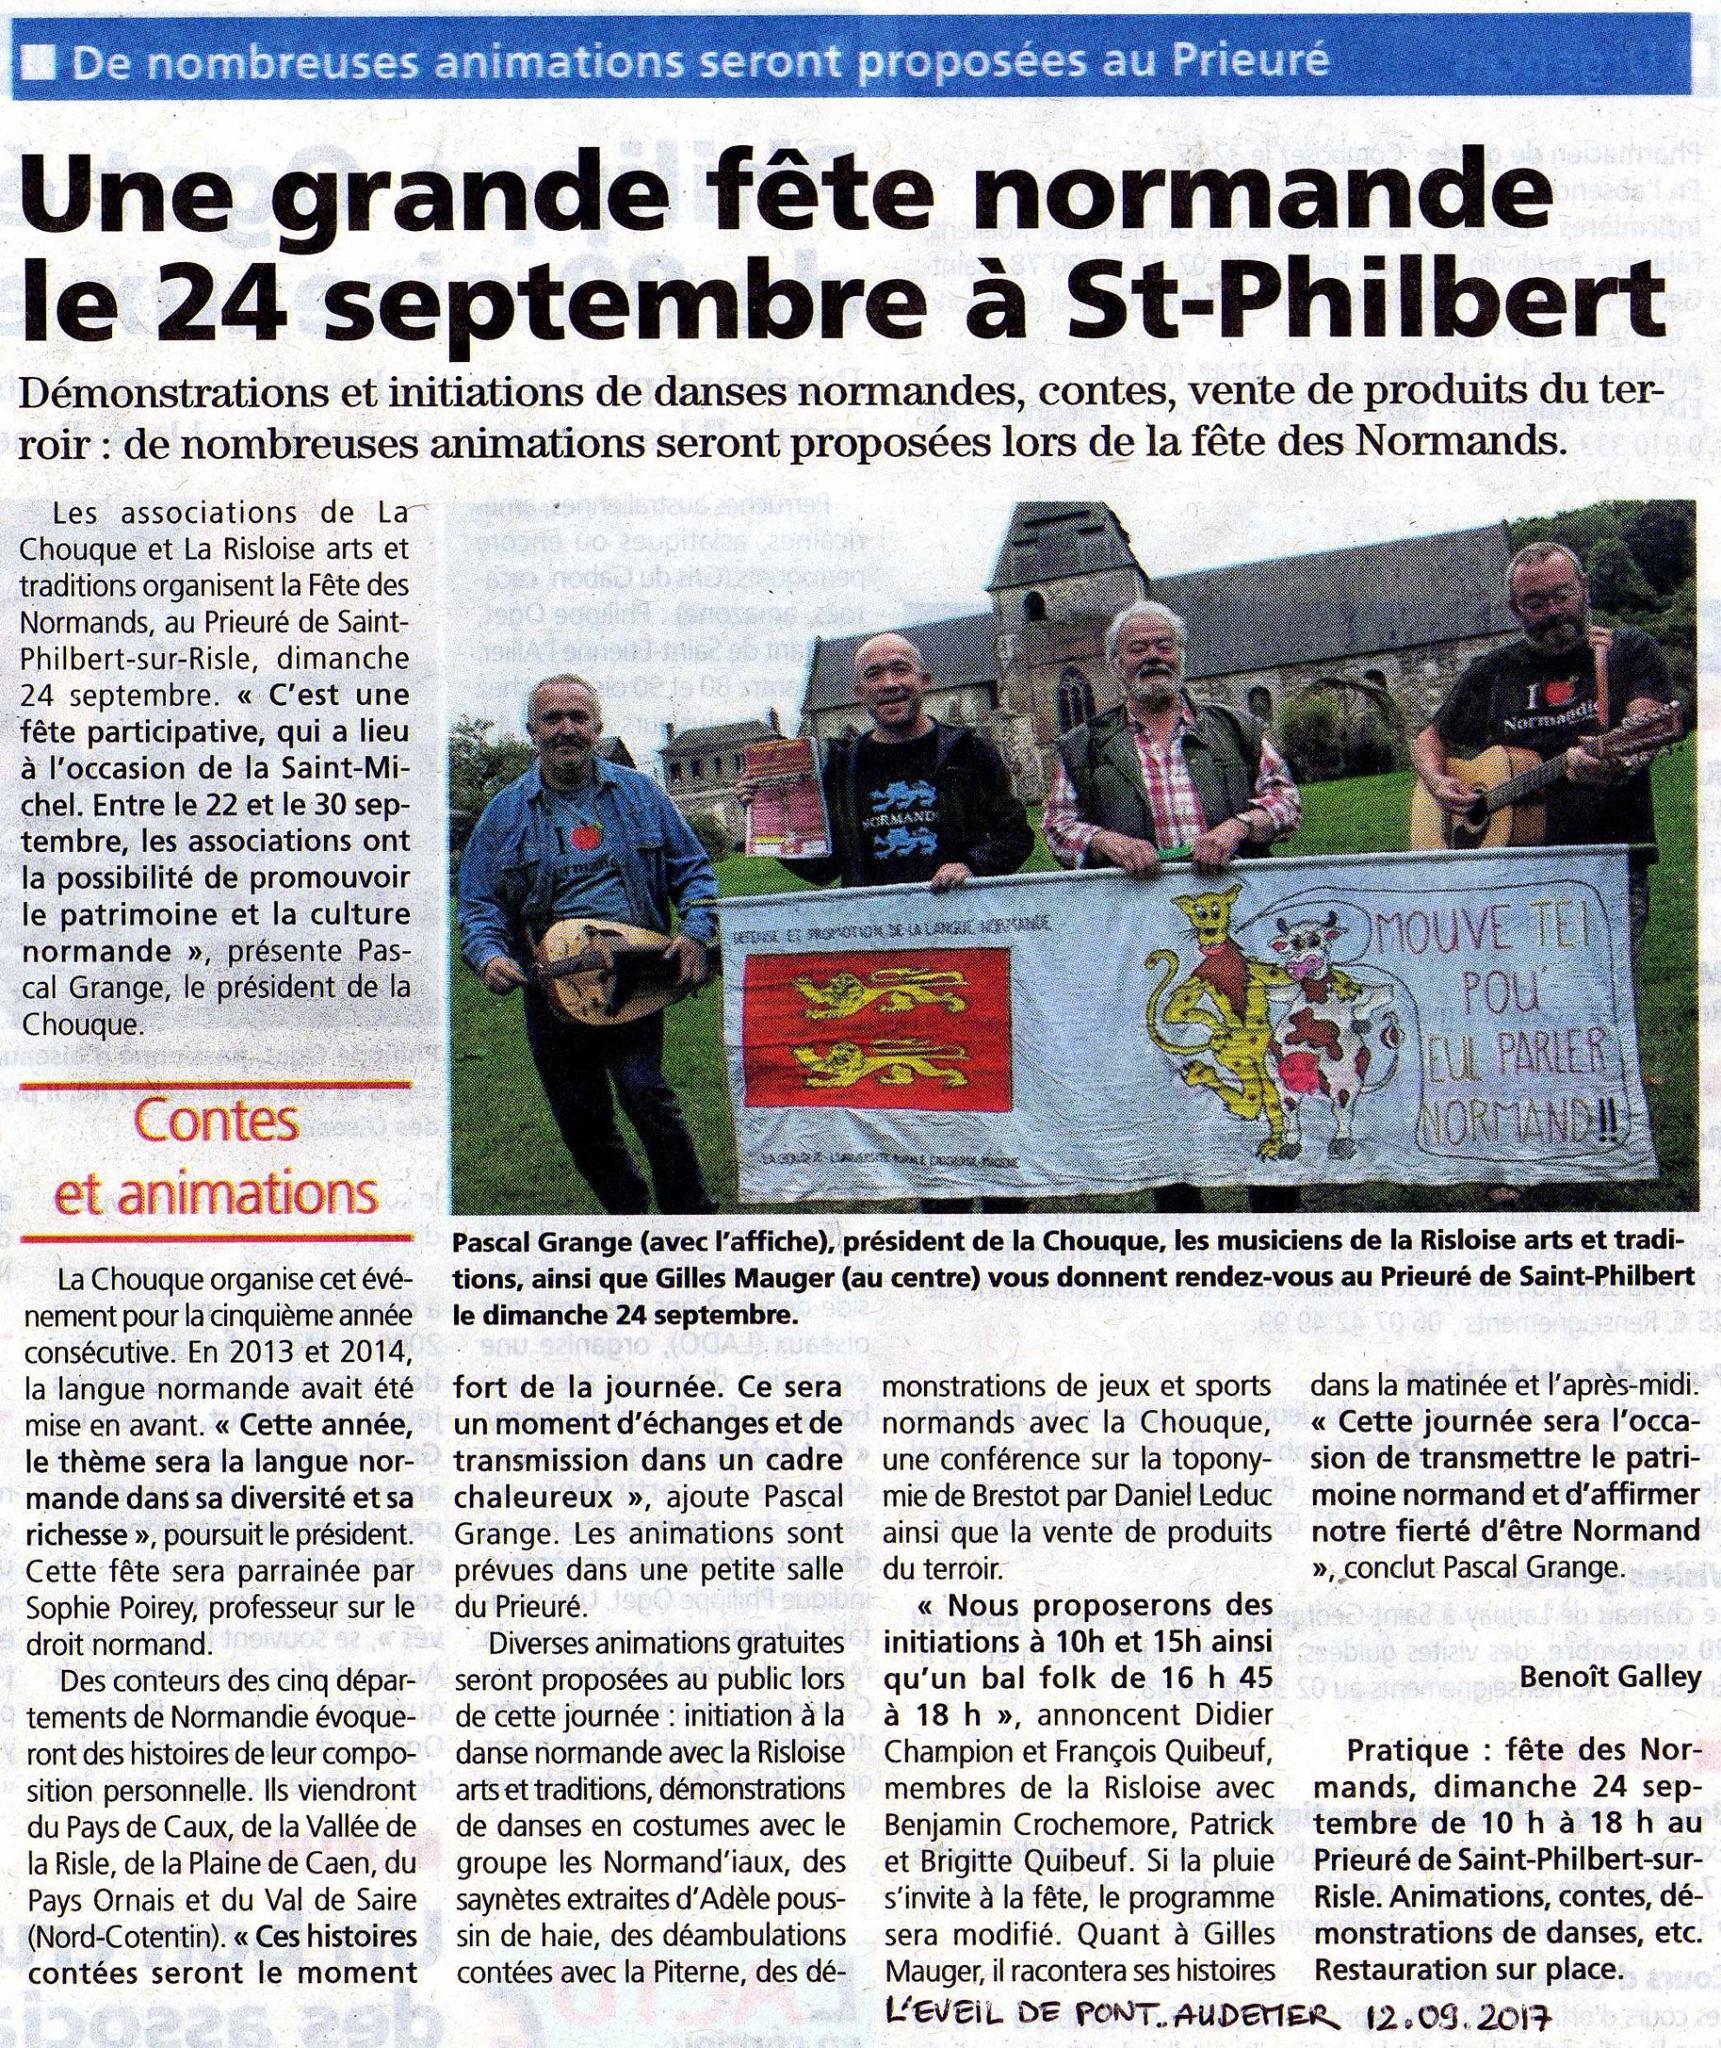 L Eveil De Pont Audemer 12 09 2017 Fete Des Normands 2019